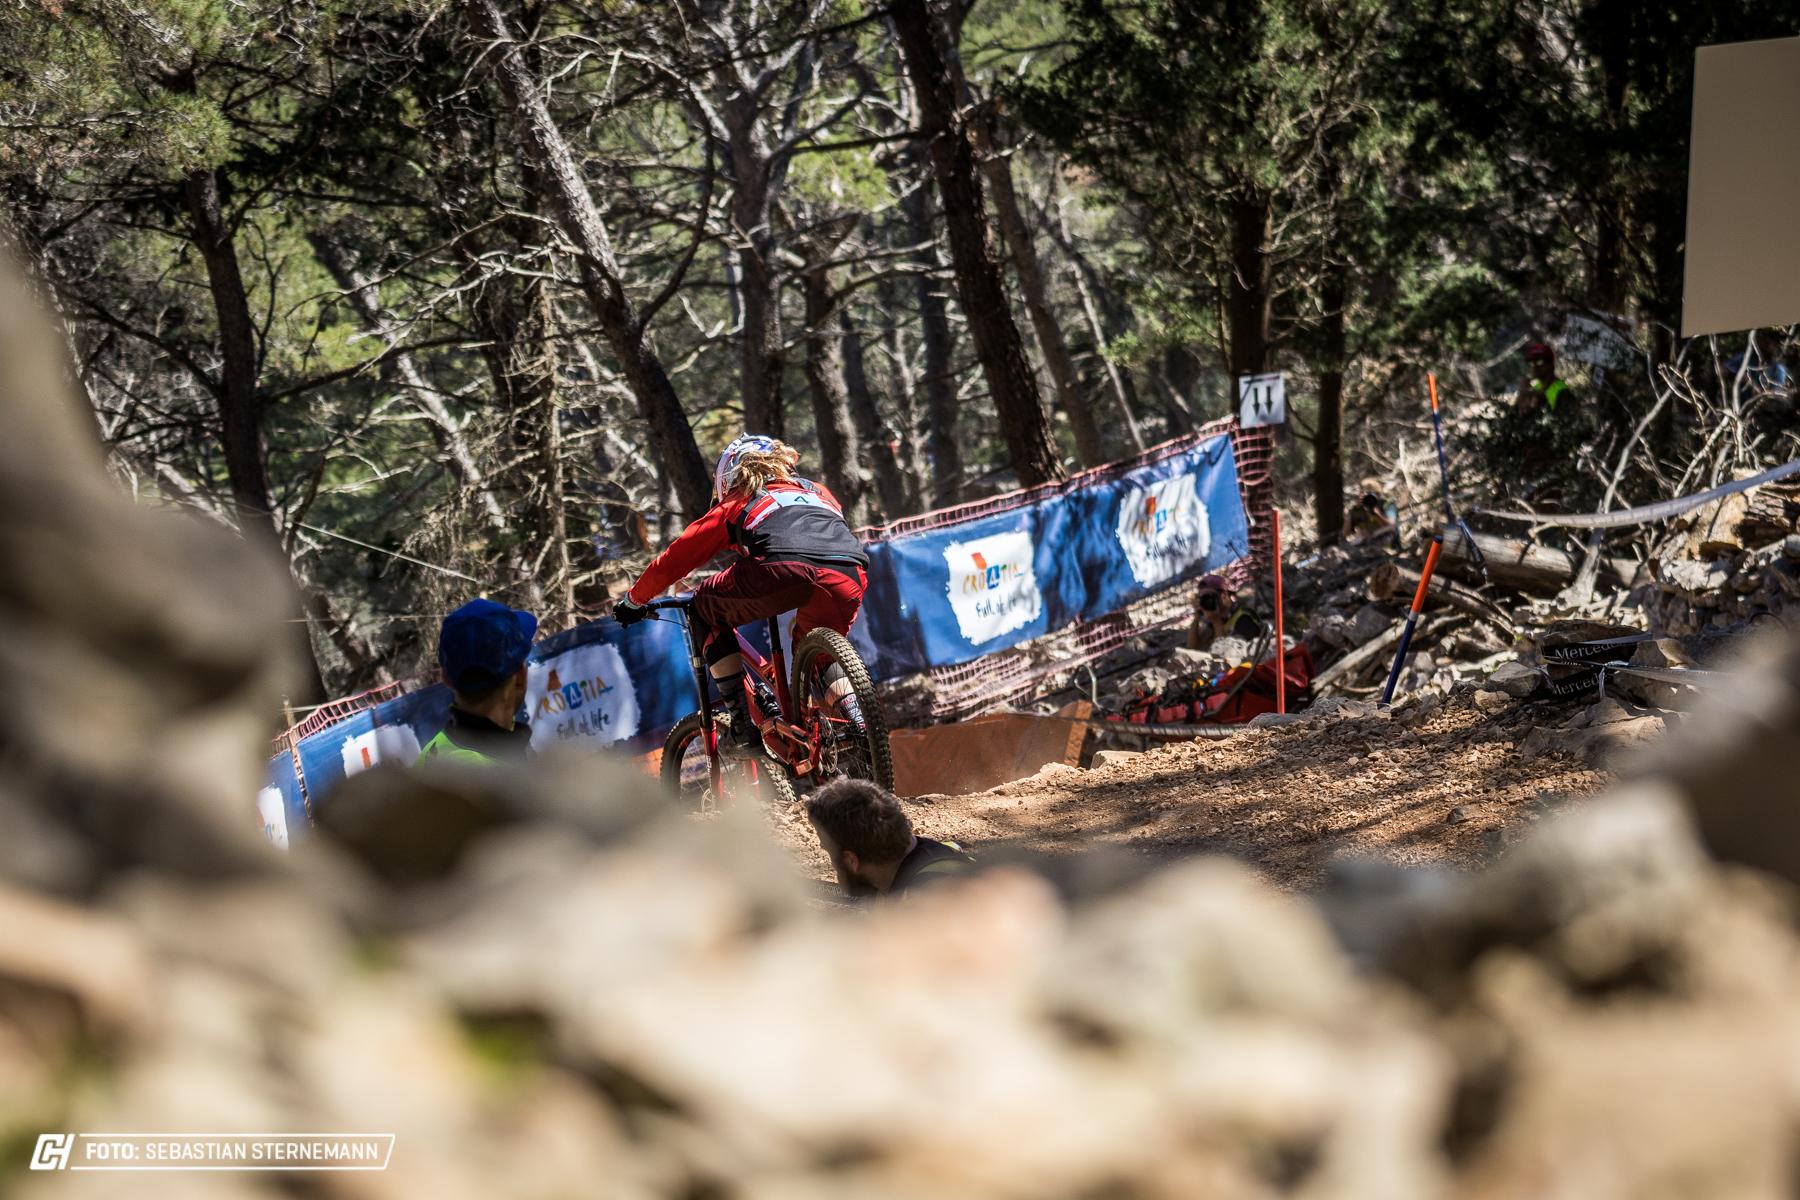 UCI Downhill Worldcup Losinj 2018